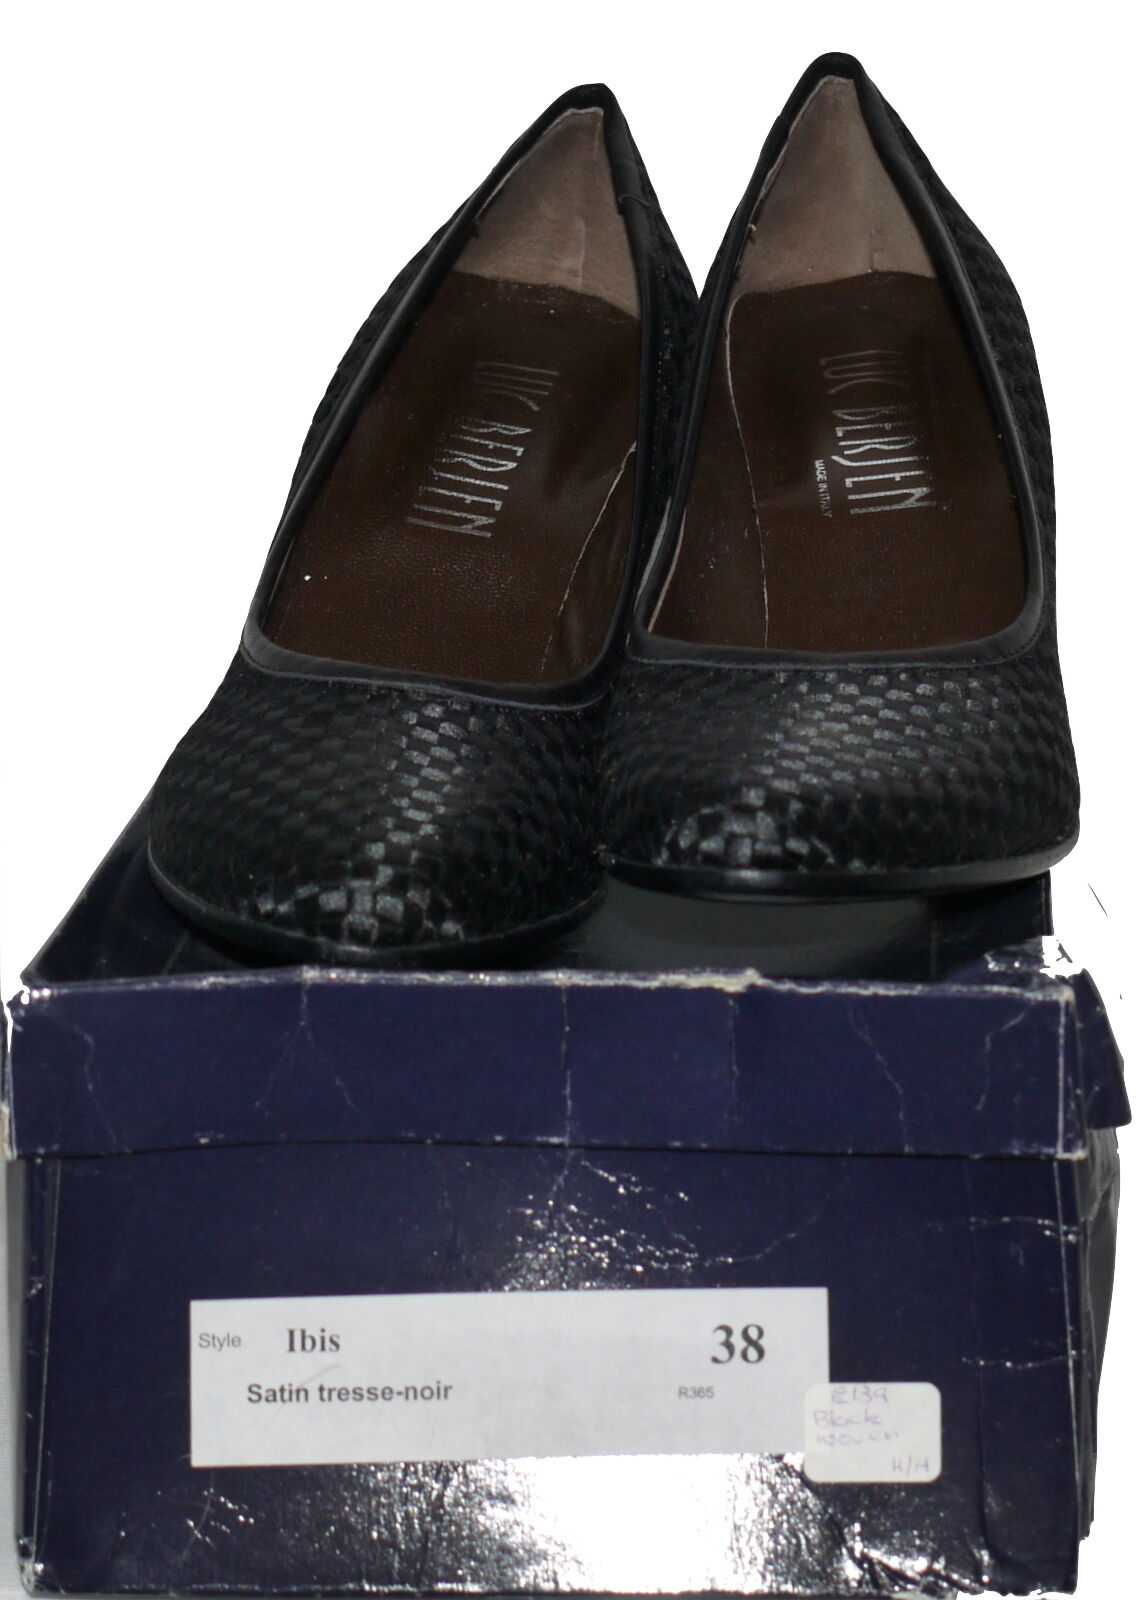 Luc Berjen Ibis Tejido Tacón Alto Court SP zapatos Varios Colors Tamaños Nuevo en Caja SP Court 9abd63